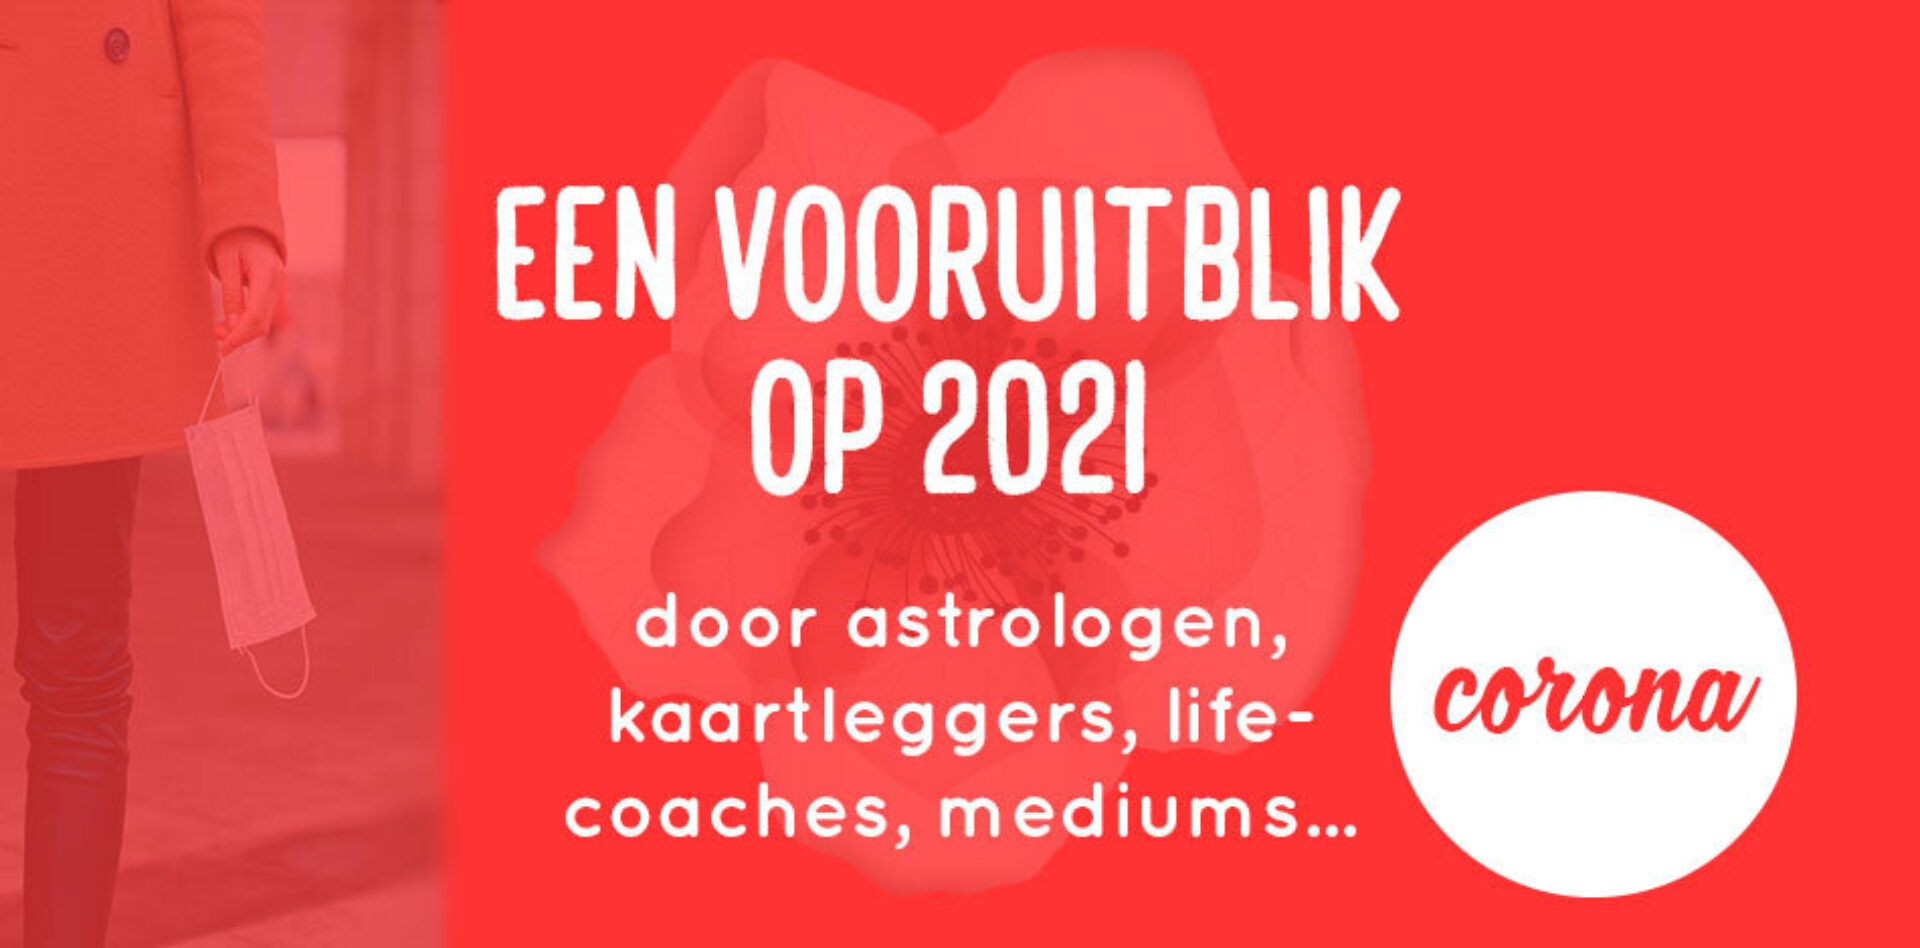 De coronacrisis in 2021: astrologen, kaartleggers, coaches... geven een vooruitblik